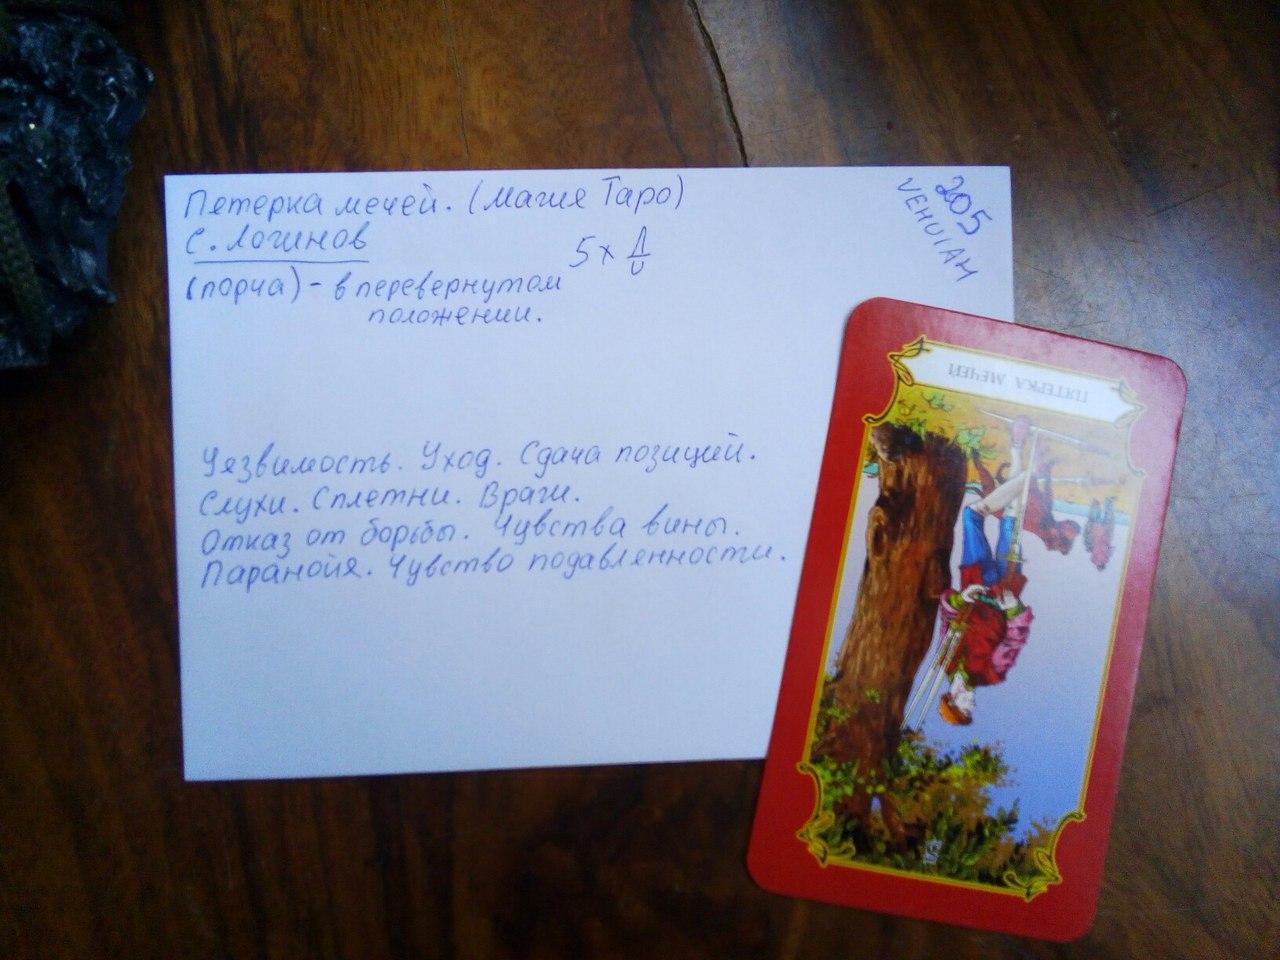 Хештег став на   Салон Магии и Мистики Елены Руденко. Киев ,тел: +380506251562 0dV-vPtuBtQ